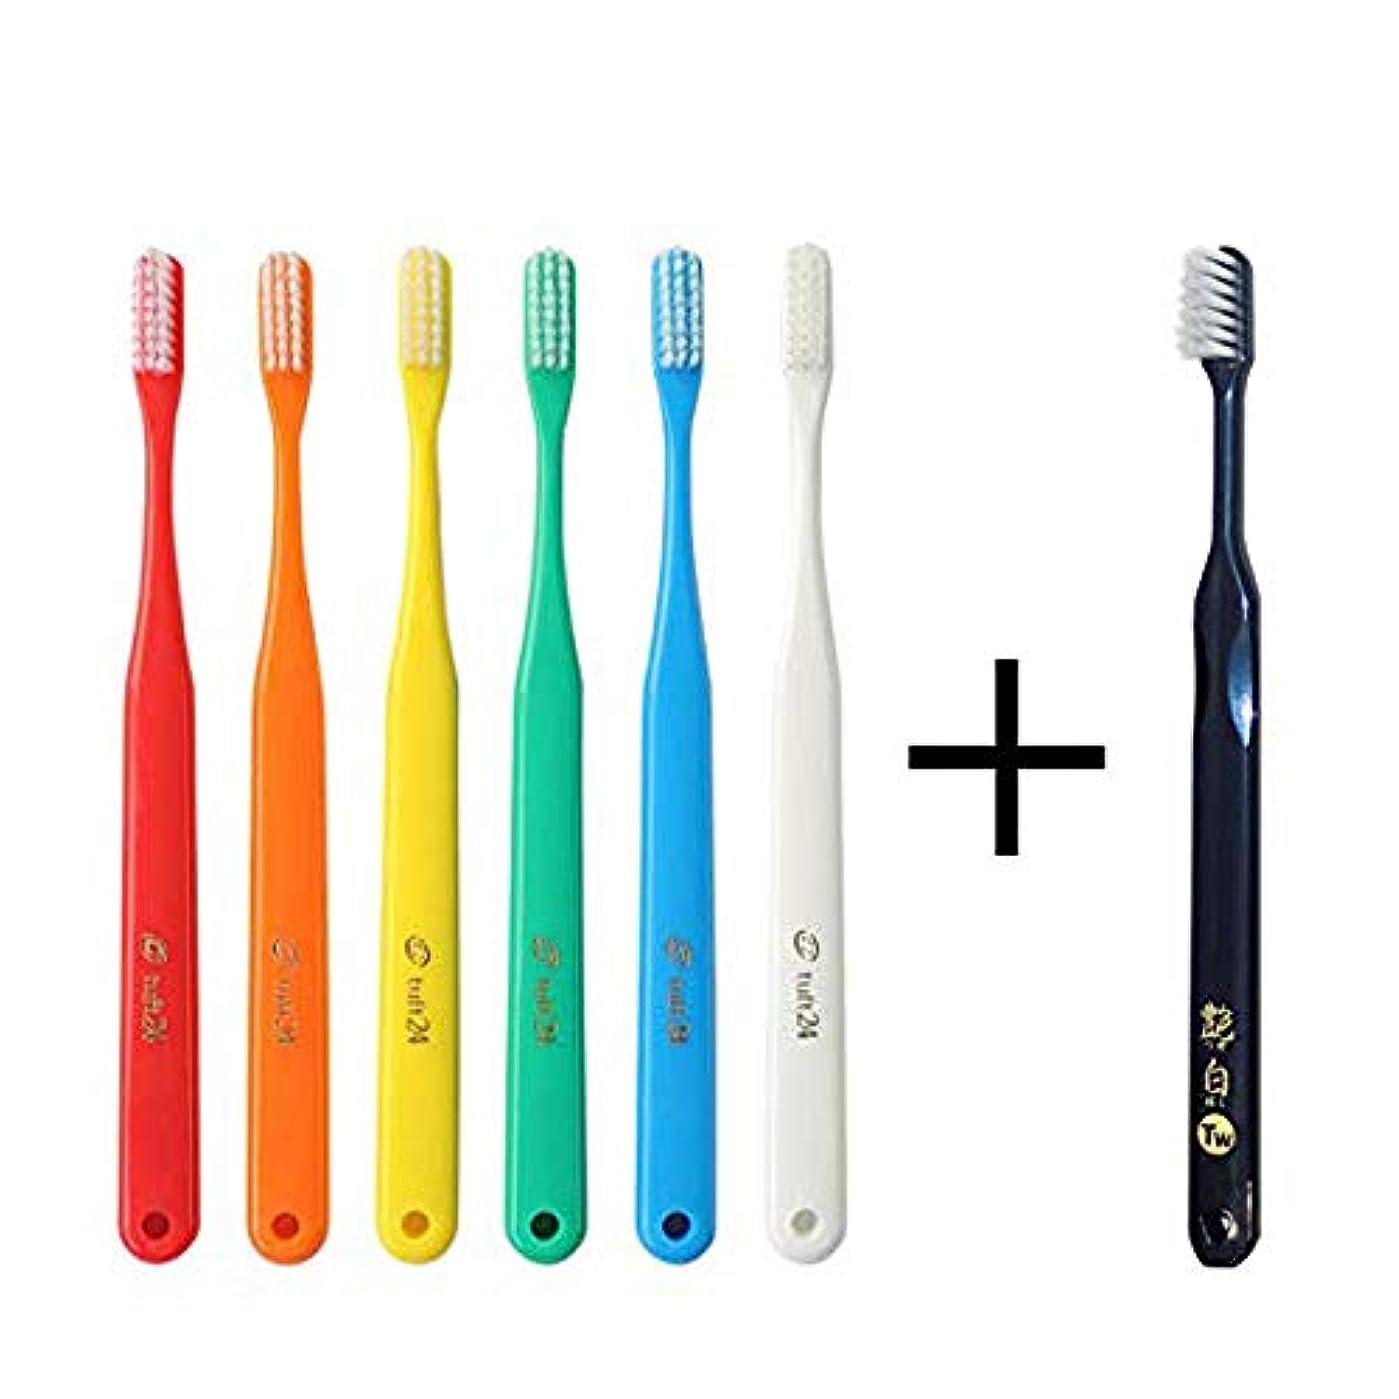 店員鳴らす織機タフト24 歯ブラシ × 10本 (S) キャップなし + 艶白ツイン ハブラシ×1本(S やわらかめ) むし歯予防 歯科専売